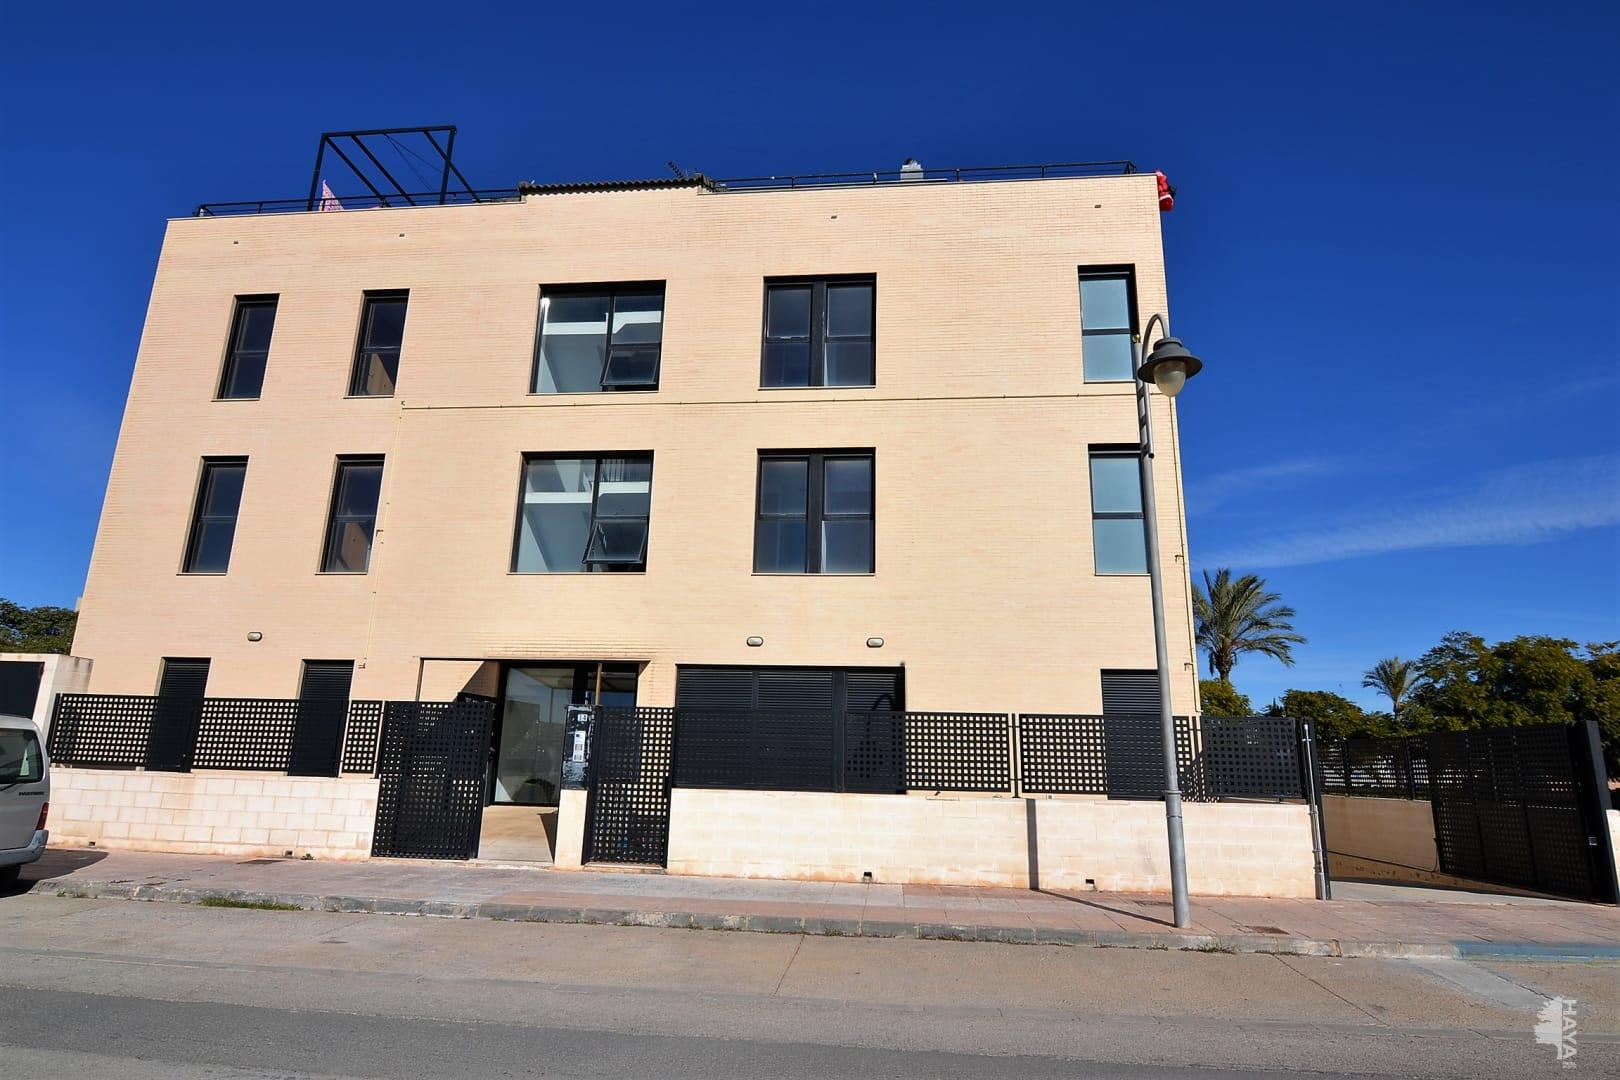 Piso en venta en Museros, Museros, Valencia, Avenida Senyera, 117.200 €, 3 habitaciones, 2 baños, 78 m2